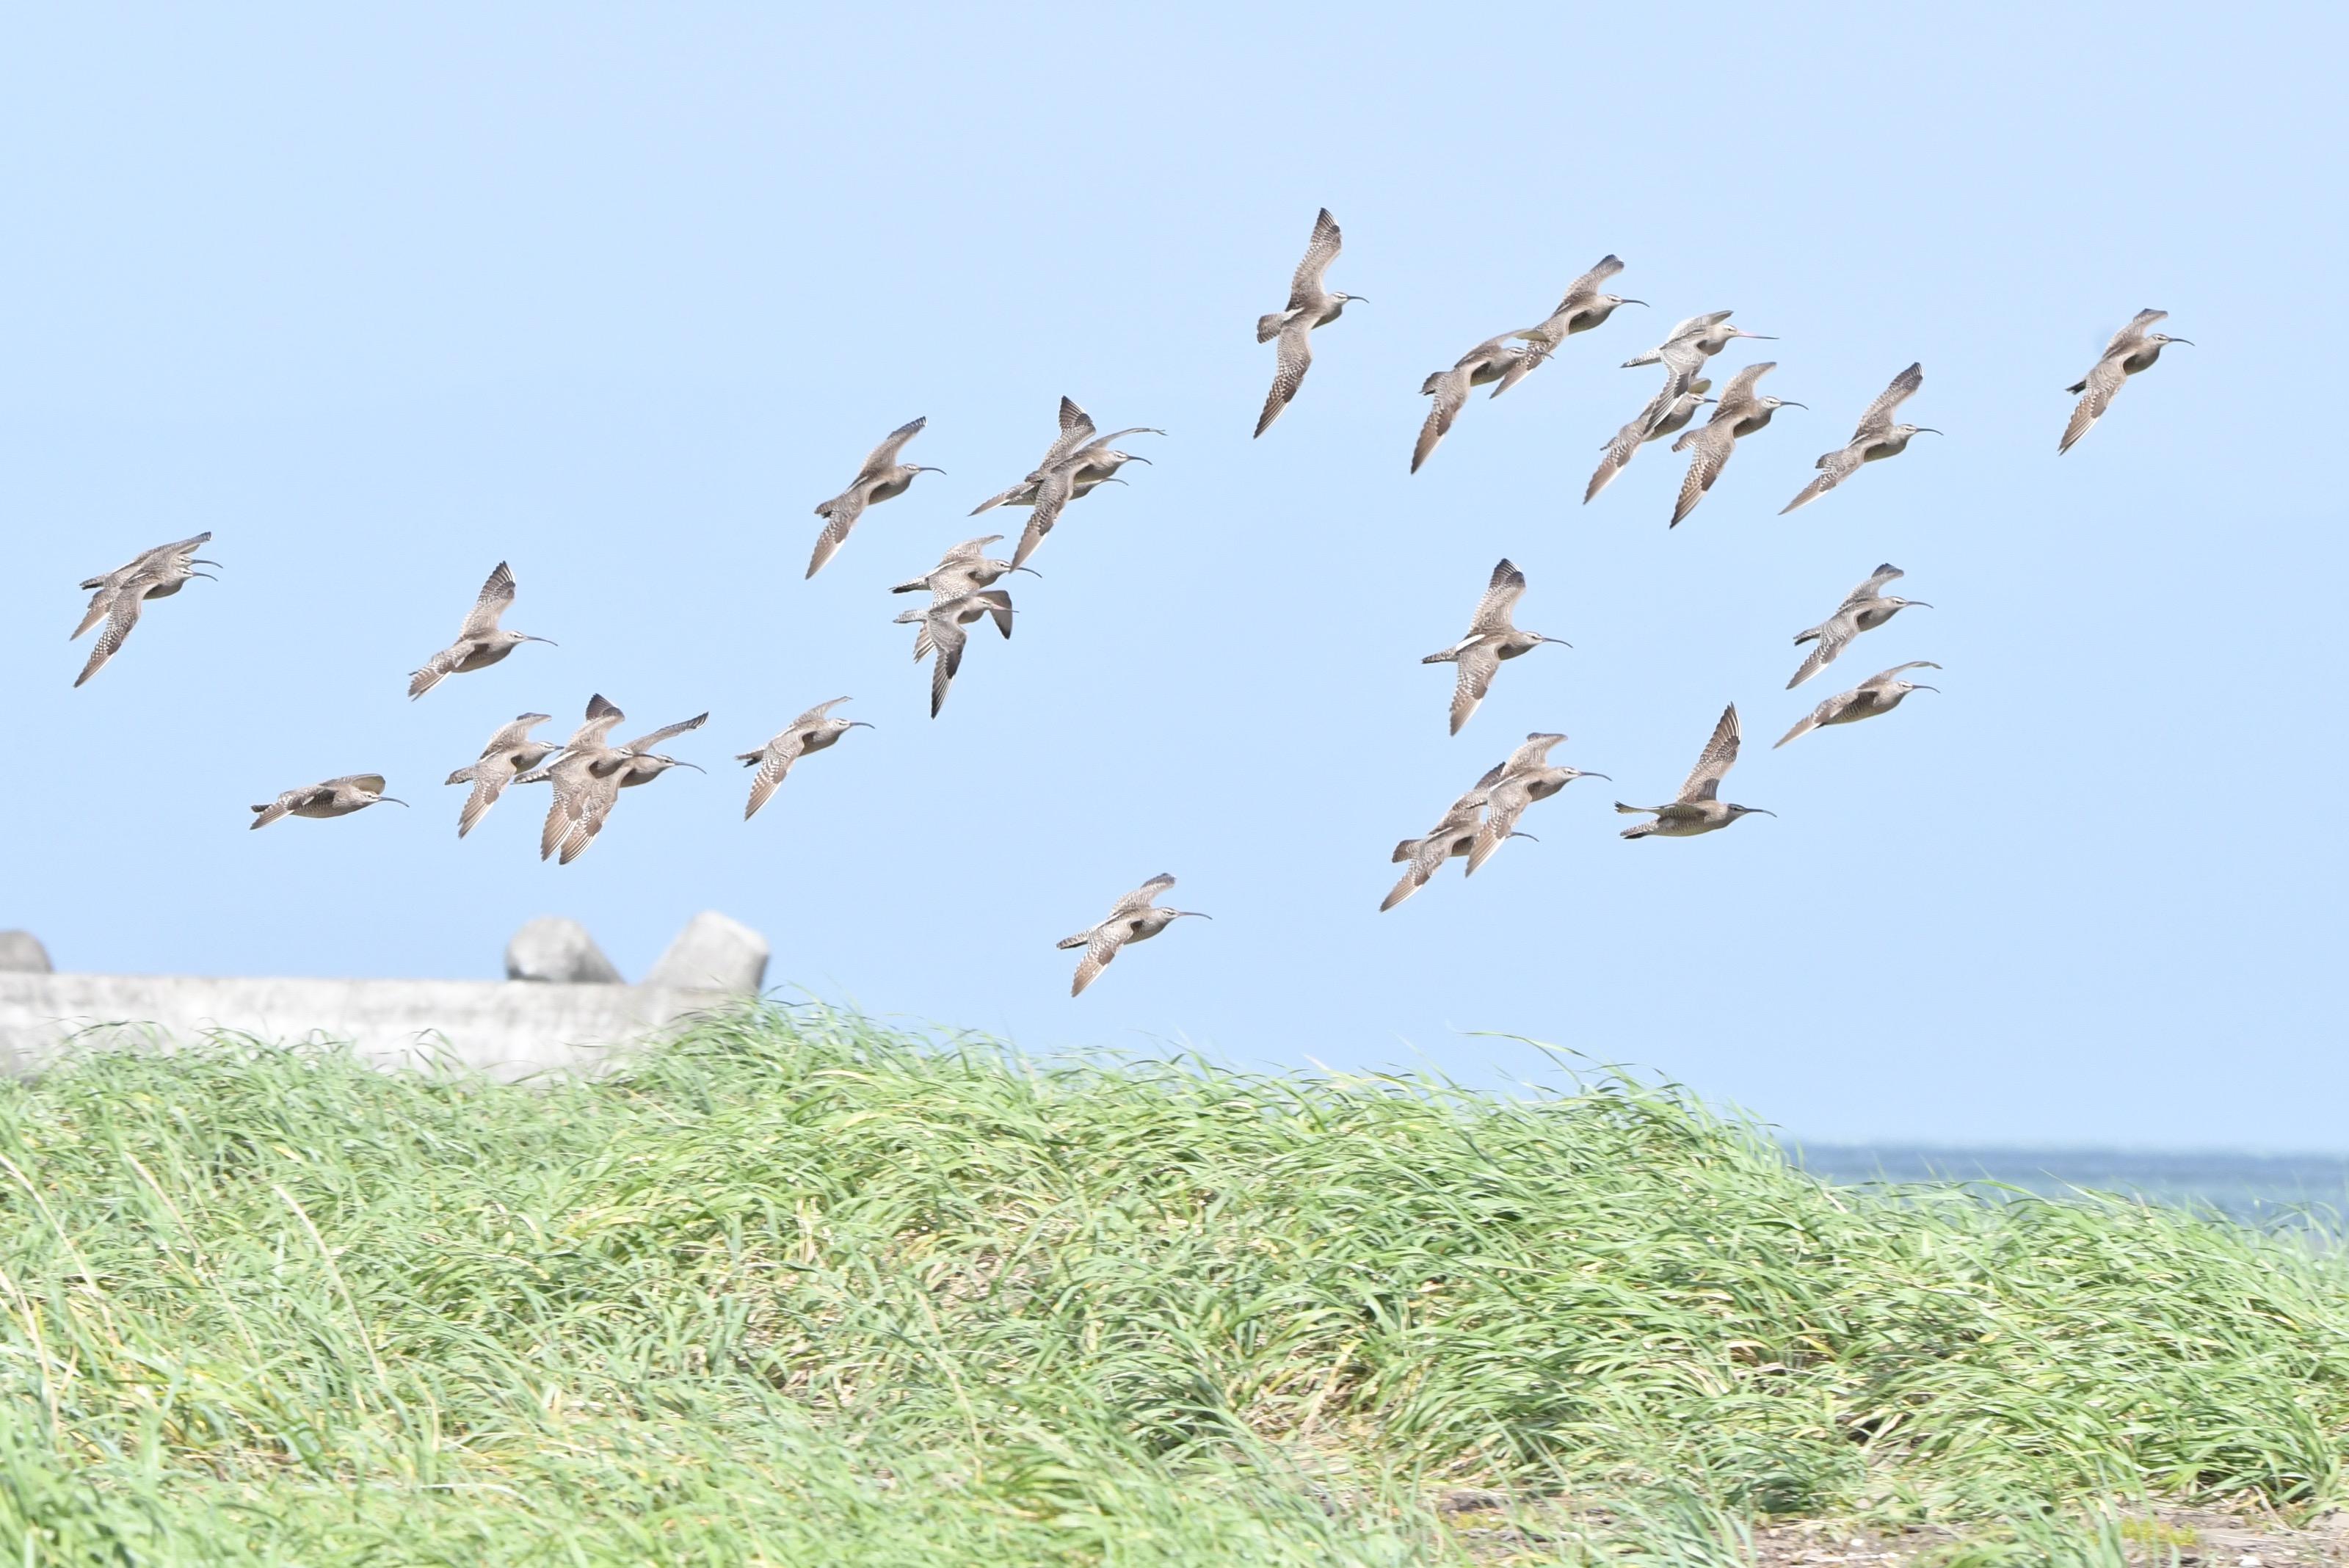 チュウシャクシギ 群れ飛翔